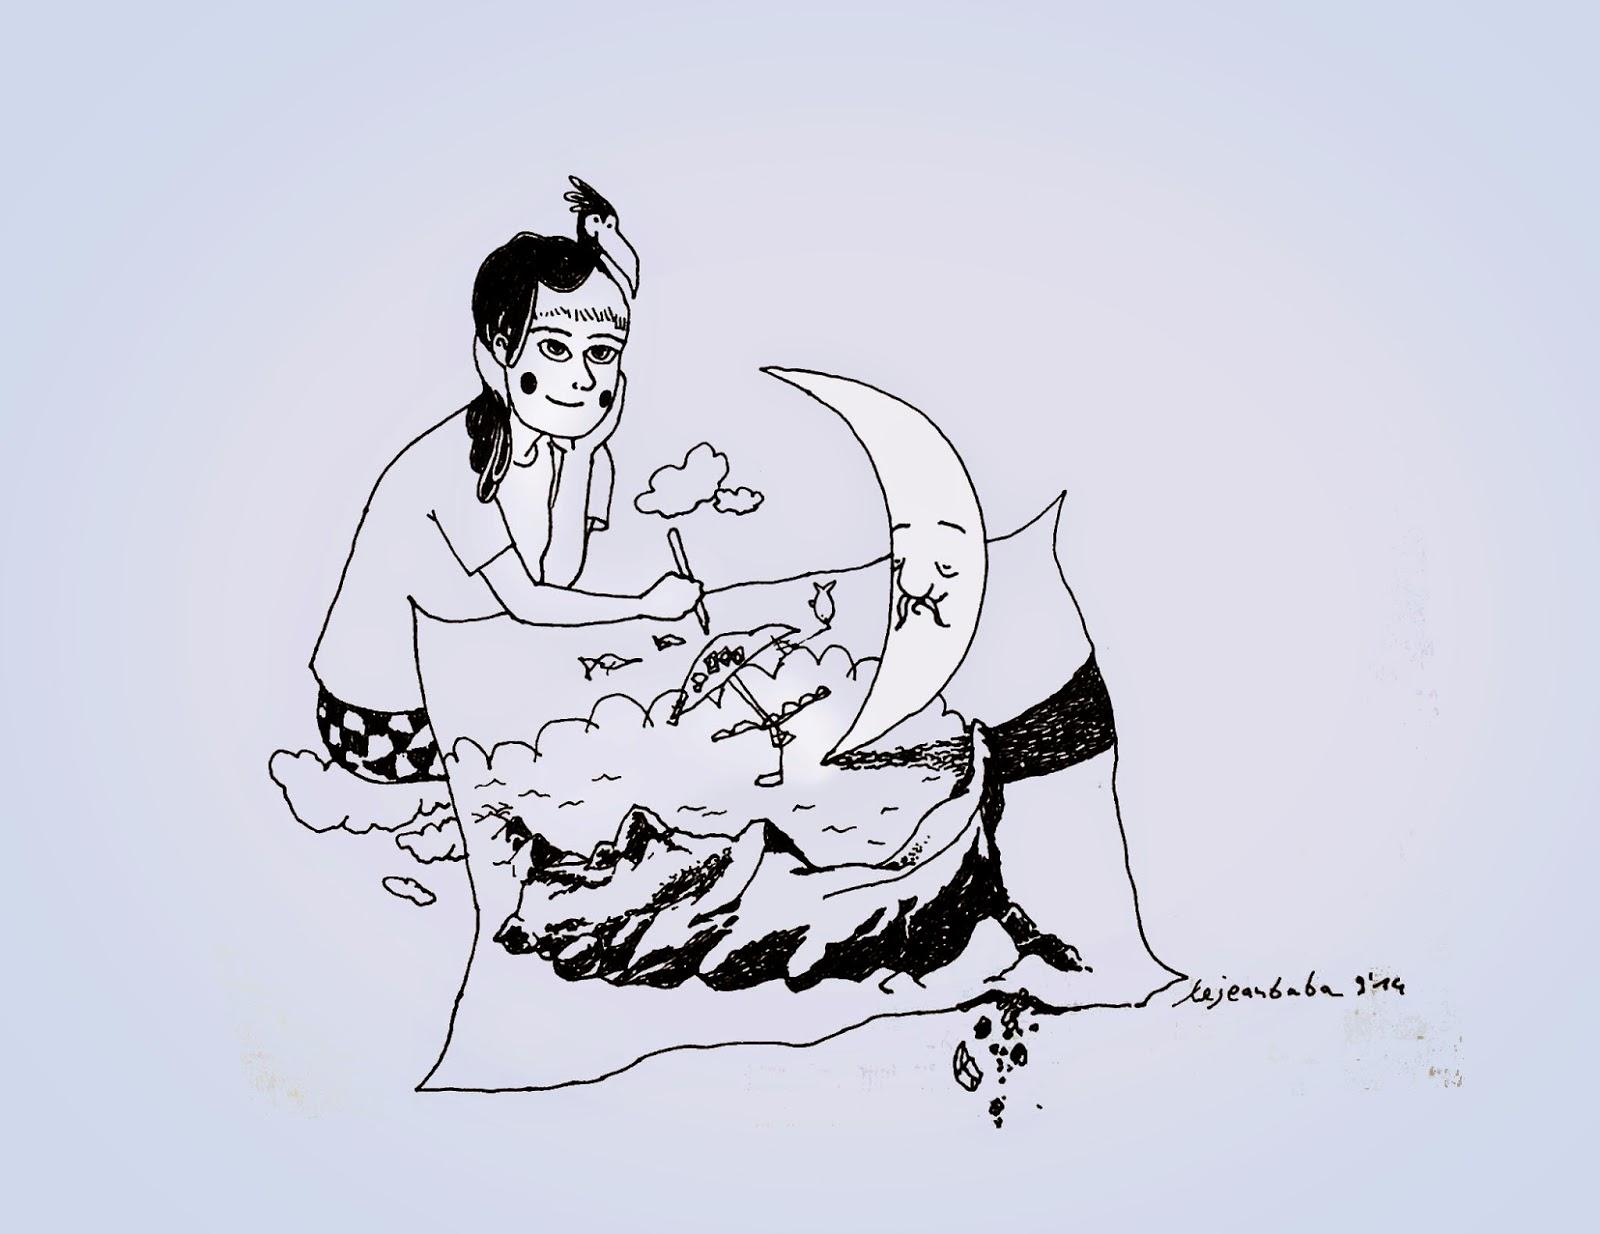 Zeichnung des Tages mit Kind und Mond #drawing